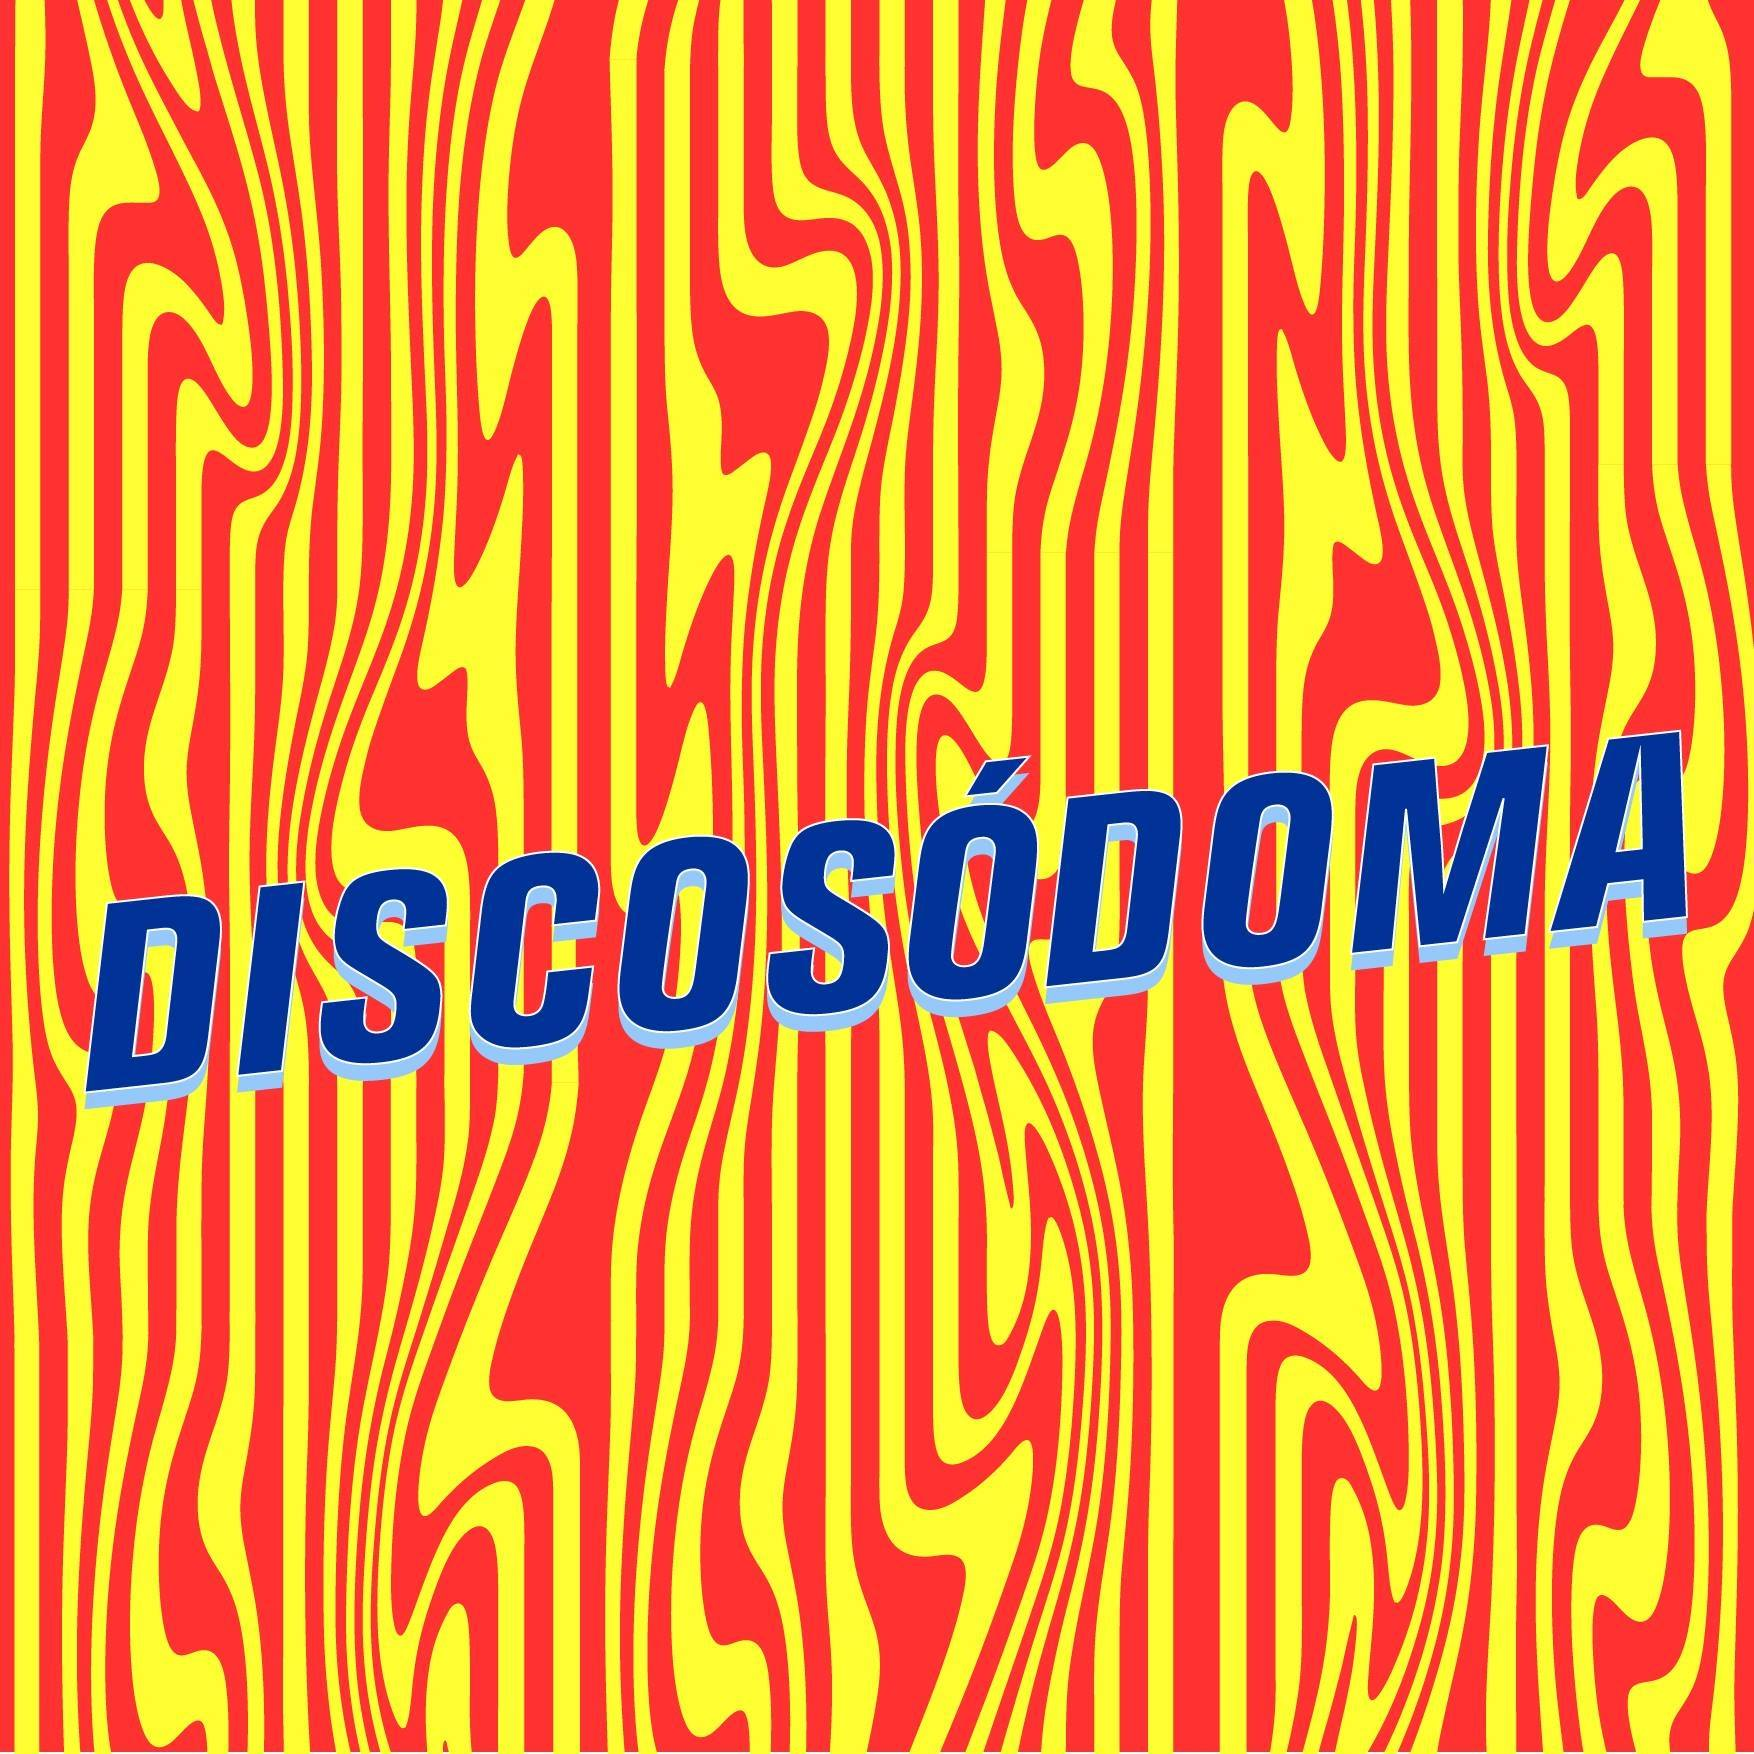 Discosodoma